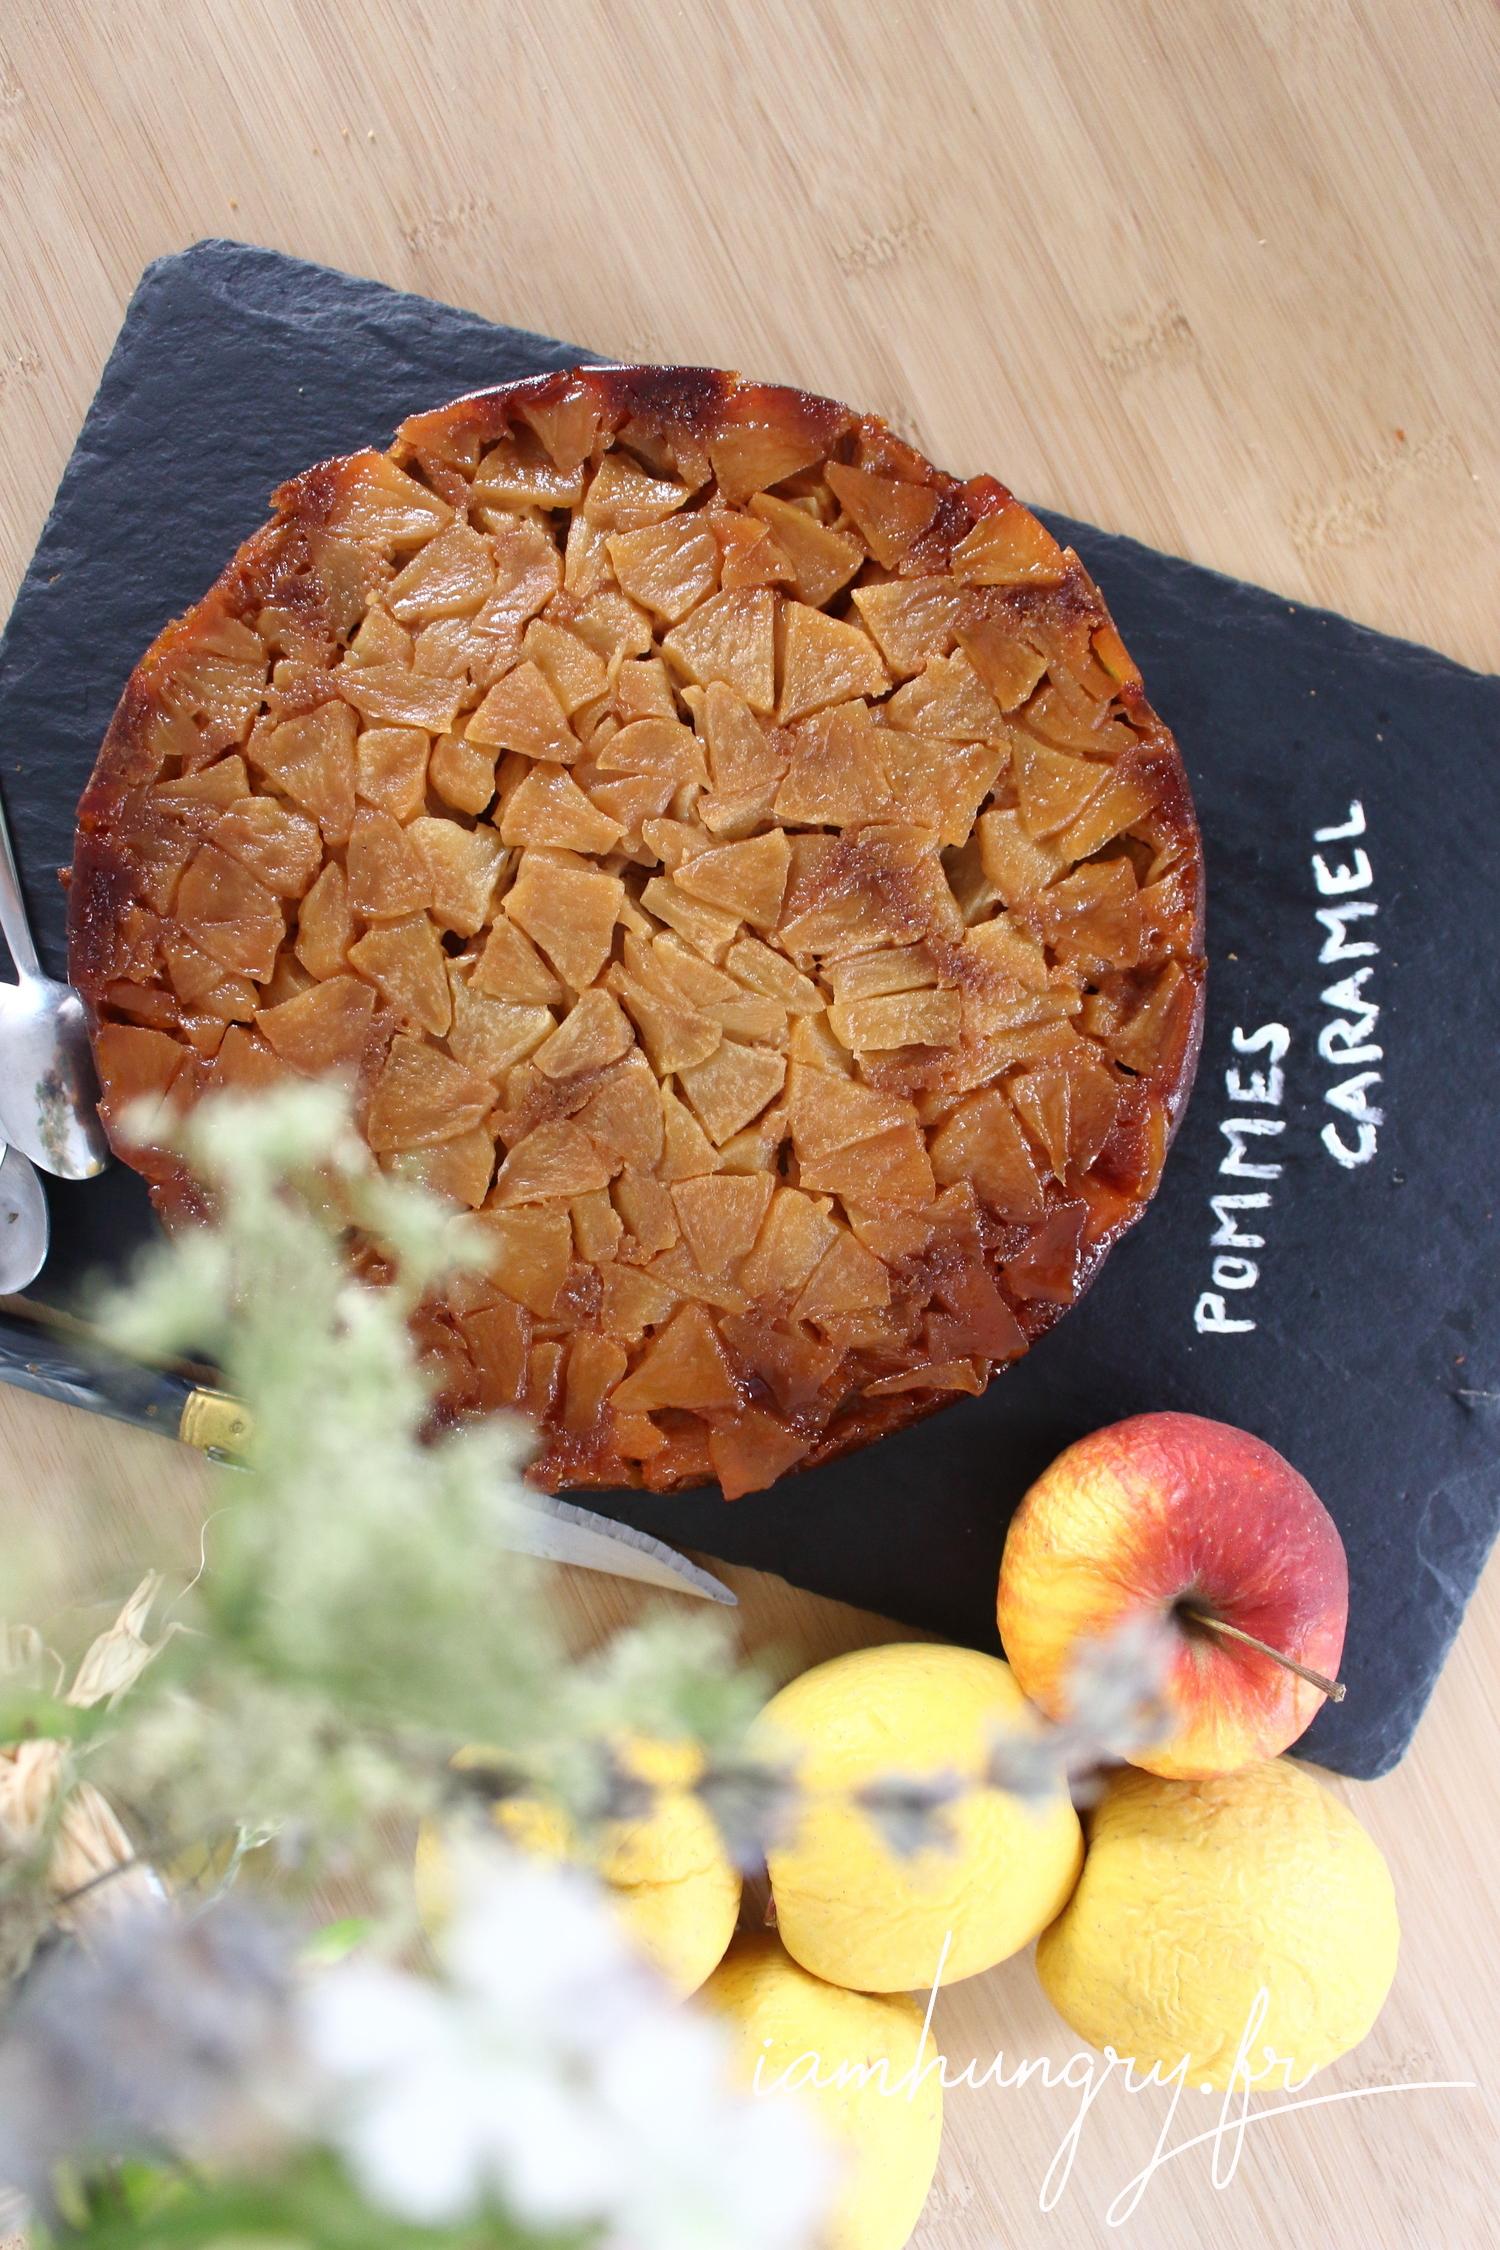 Gâteau renversé aux pommes caramélisées